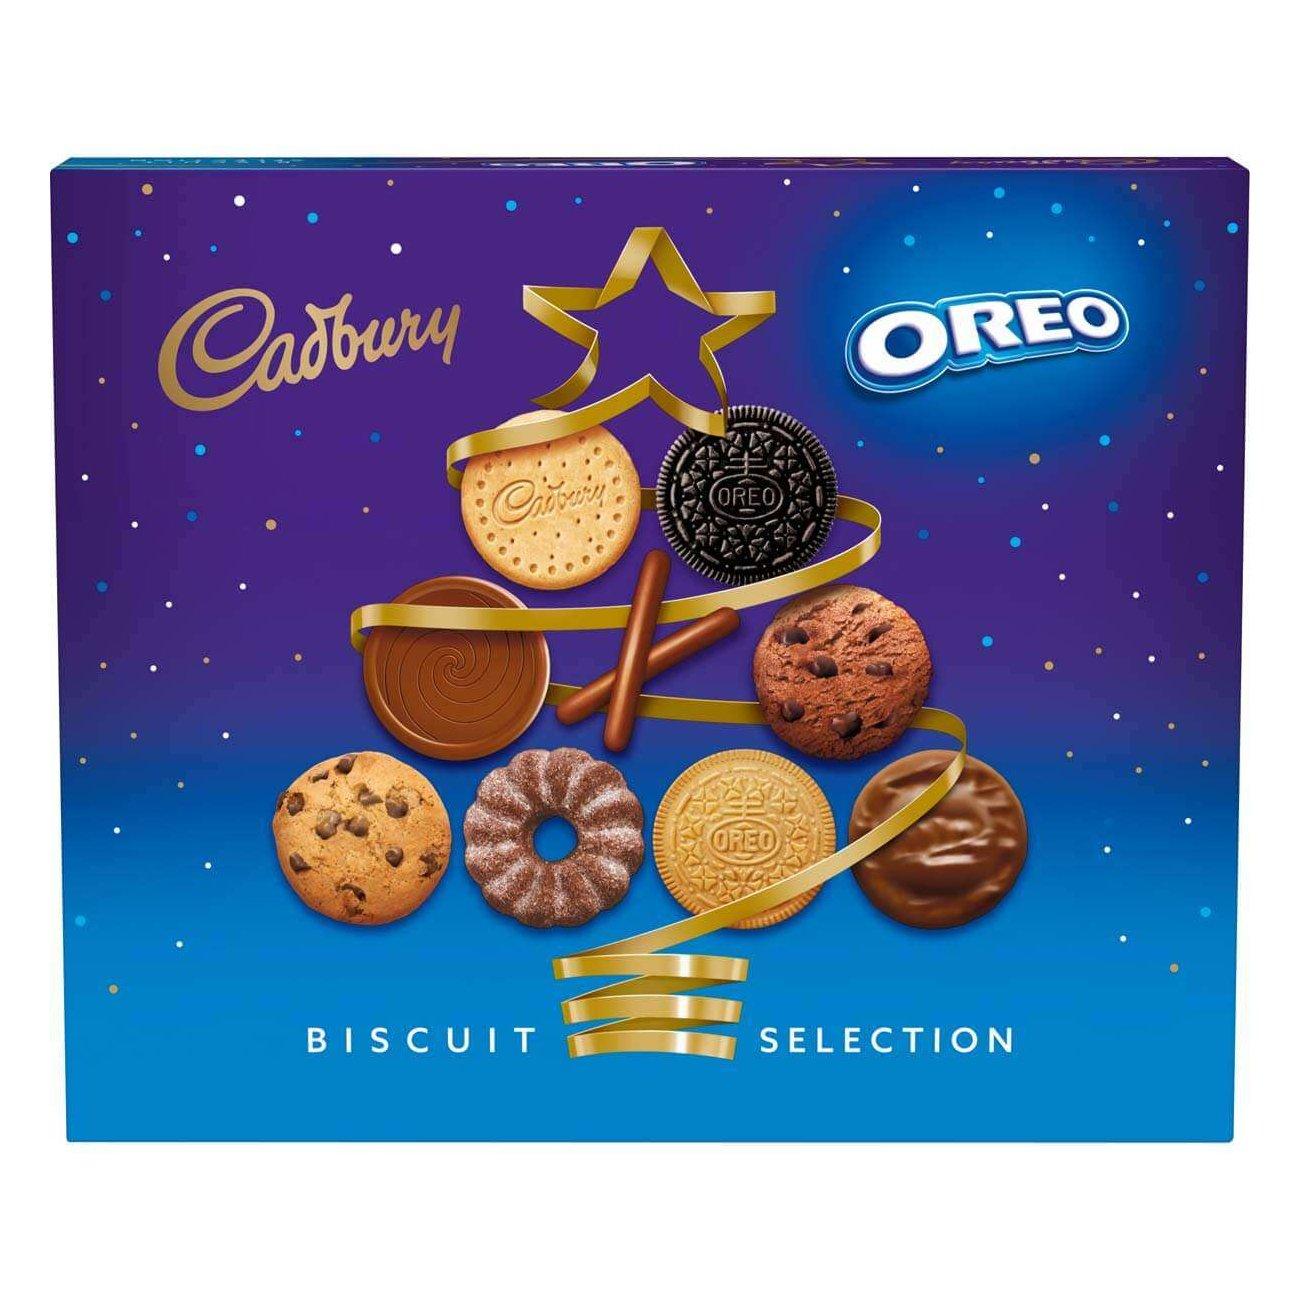 Cadbury & Oreo Biscuit Assortment Box 502g